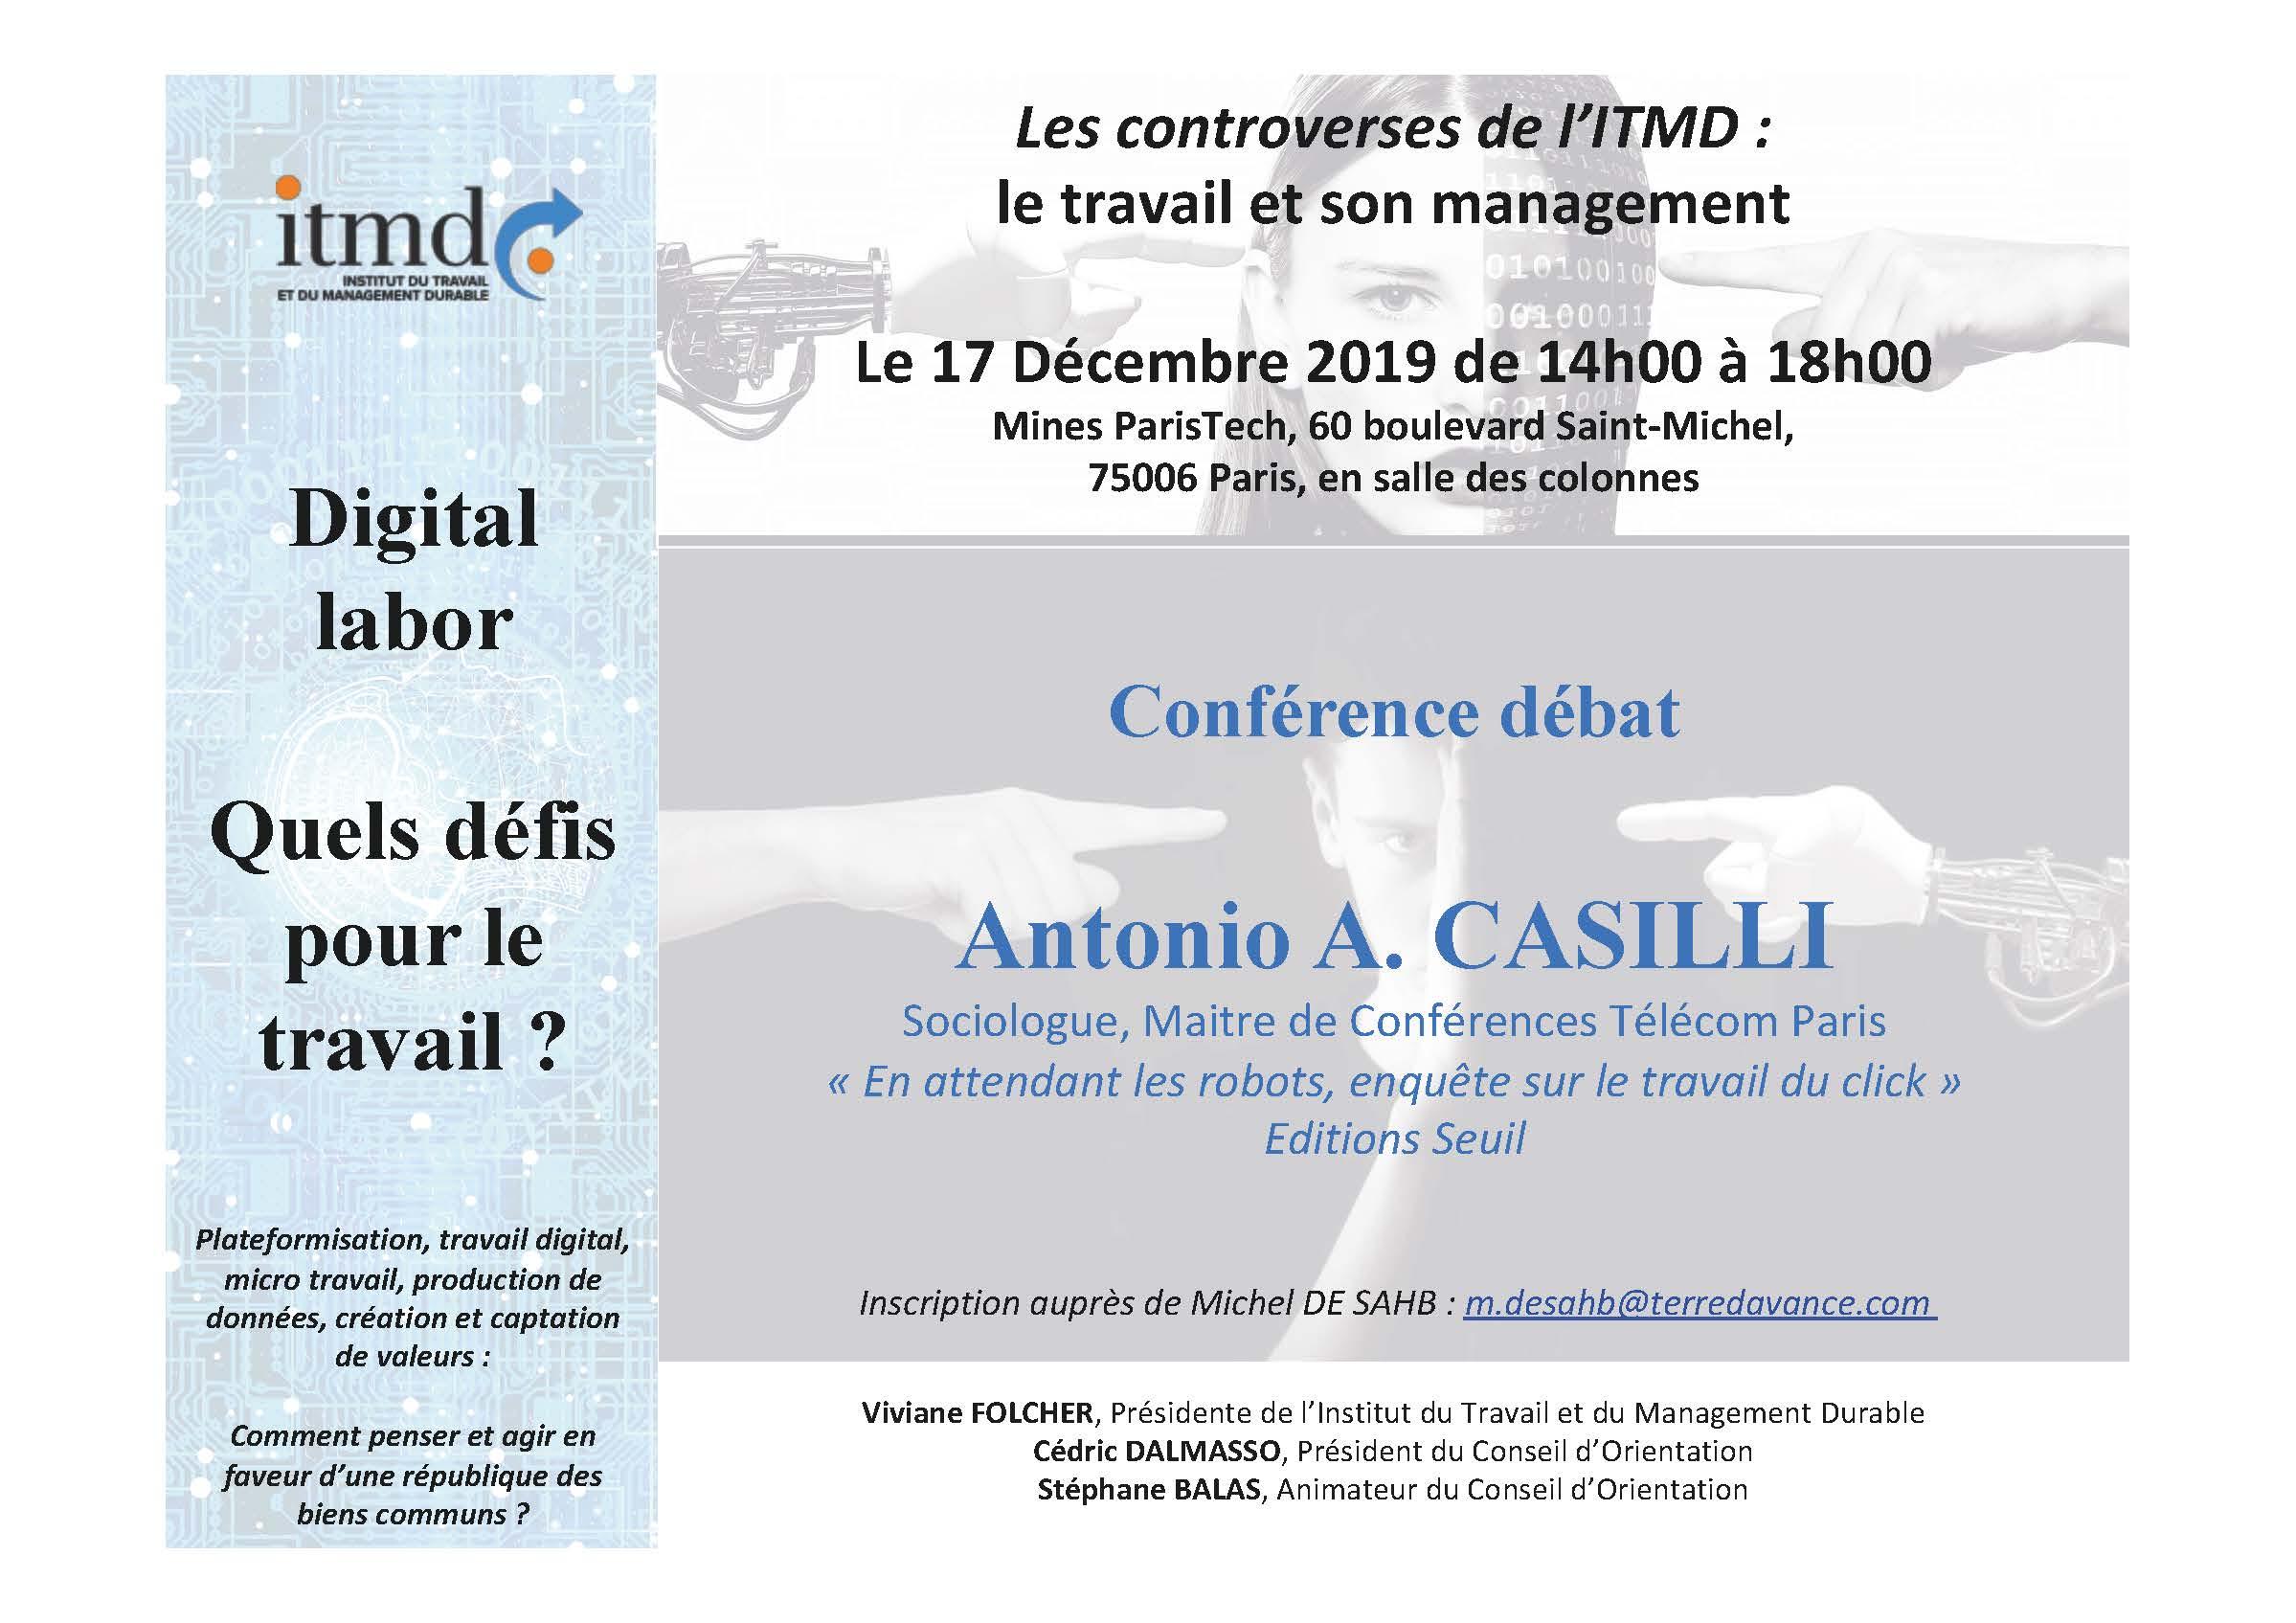 « En attendant les robots, enquête sur le travail du click » avec Antonio A. CASILLI Sociologue, Maitre de Conférences Télécom Paris